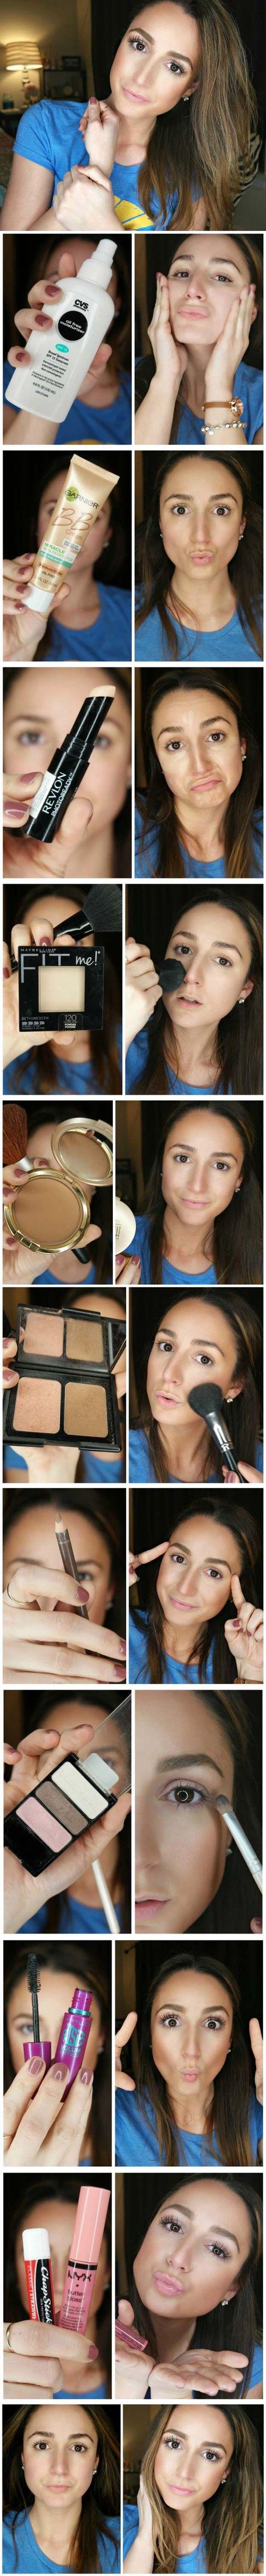 rutina basica de maquillaje (4)